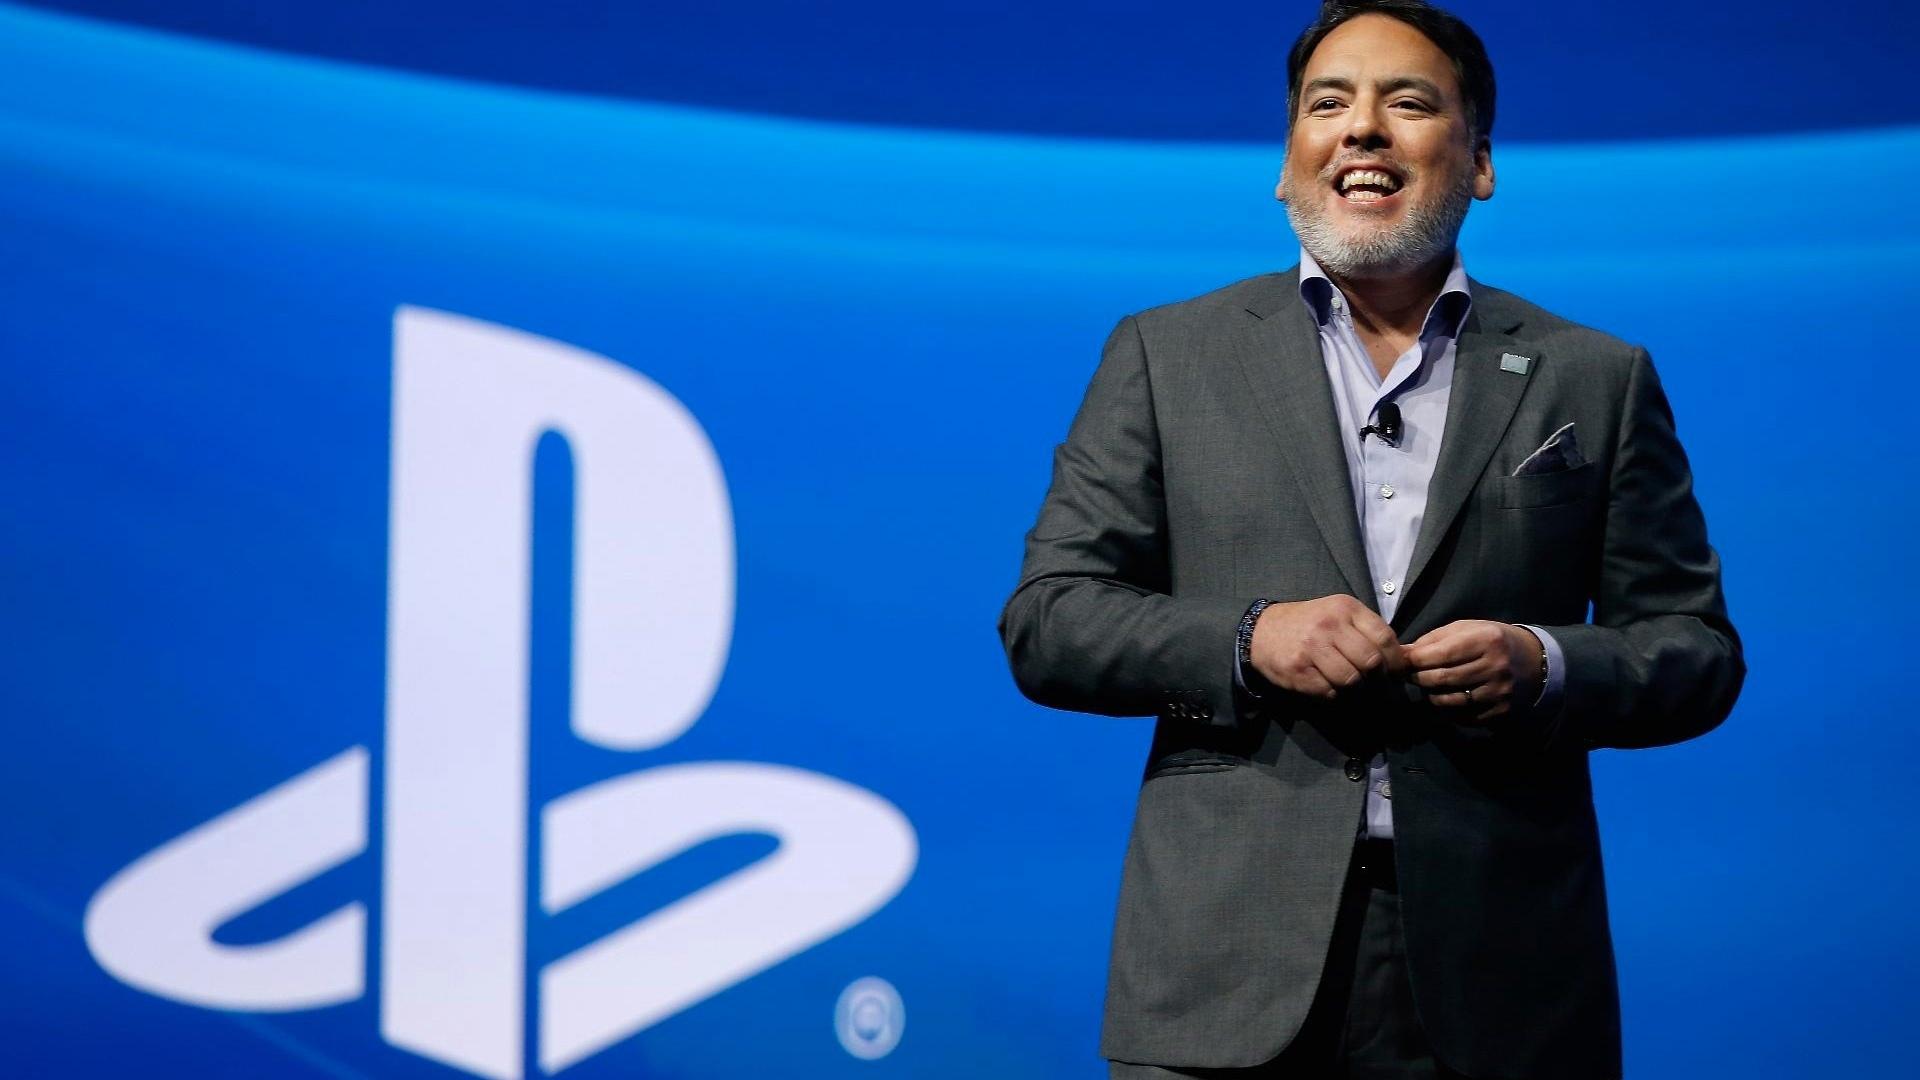 Бывший глава Sony PlayStation Studios Шон Лейден дал интервью Джейсону Шрейеру, в котором затронул несколько интересных вопросов индустрии.